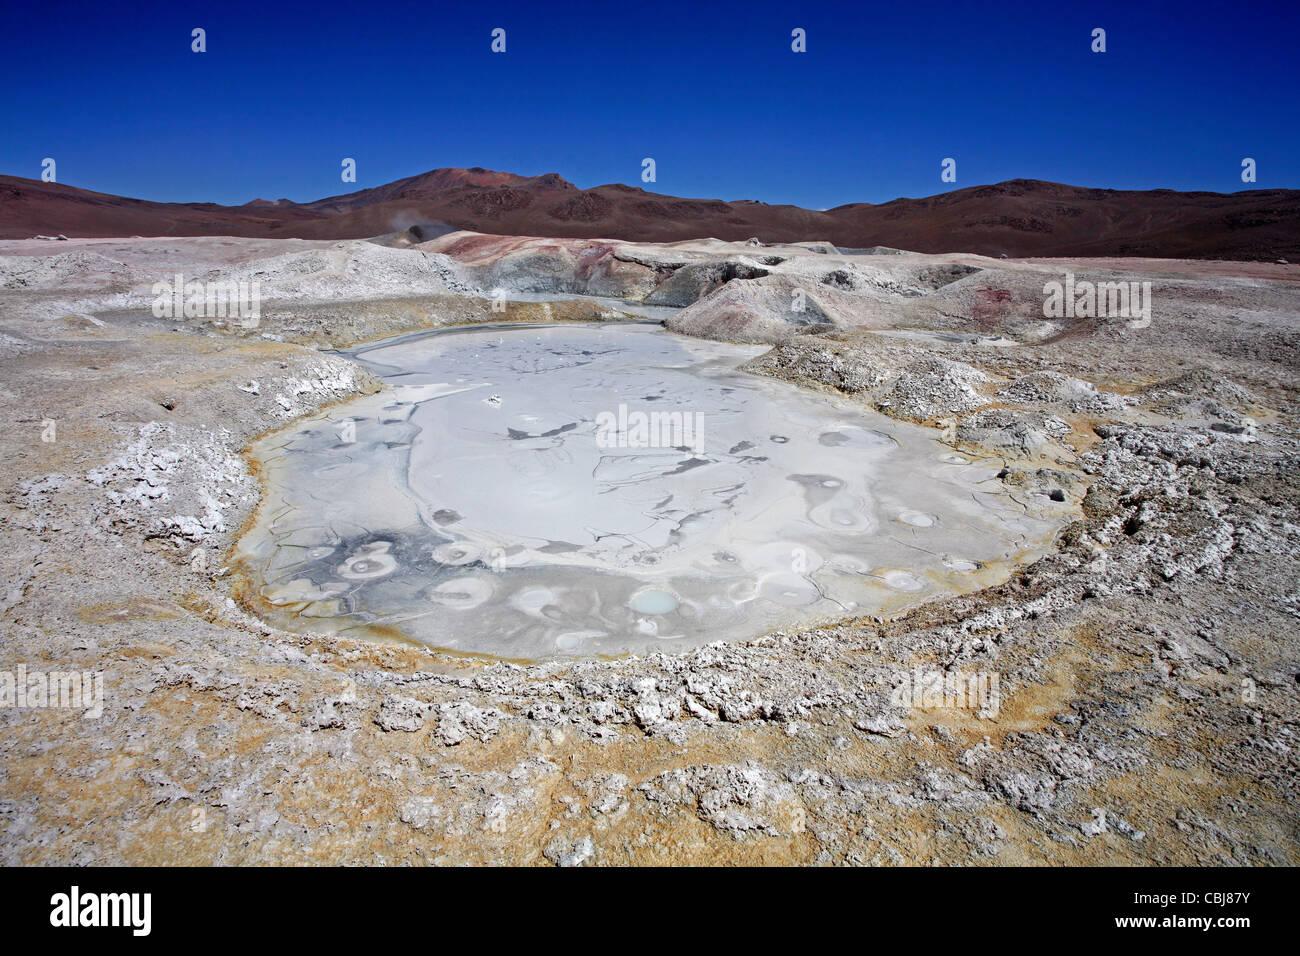 Fango bollente e piscina termale calda geotermica in campo vulcanico Sol de Mañana, Altiplano, Bolivia Immagini Stock